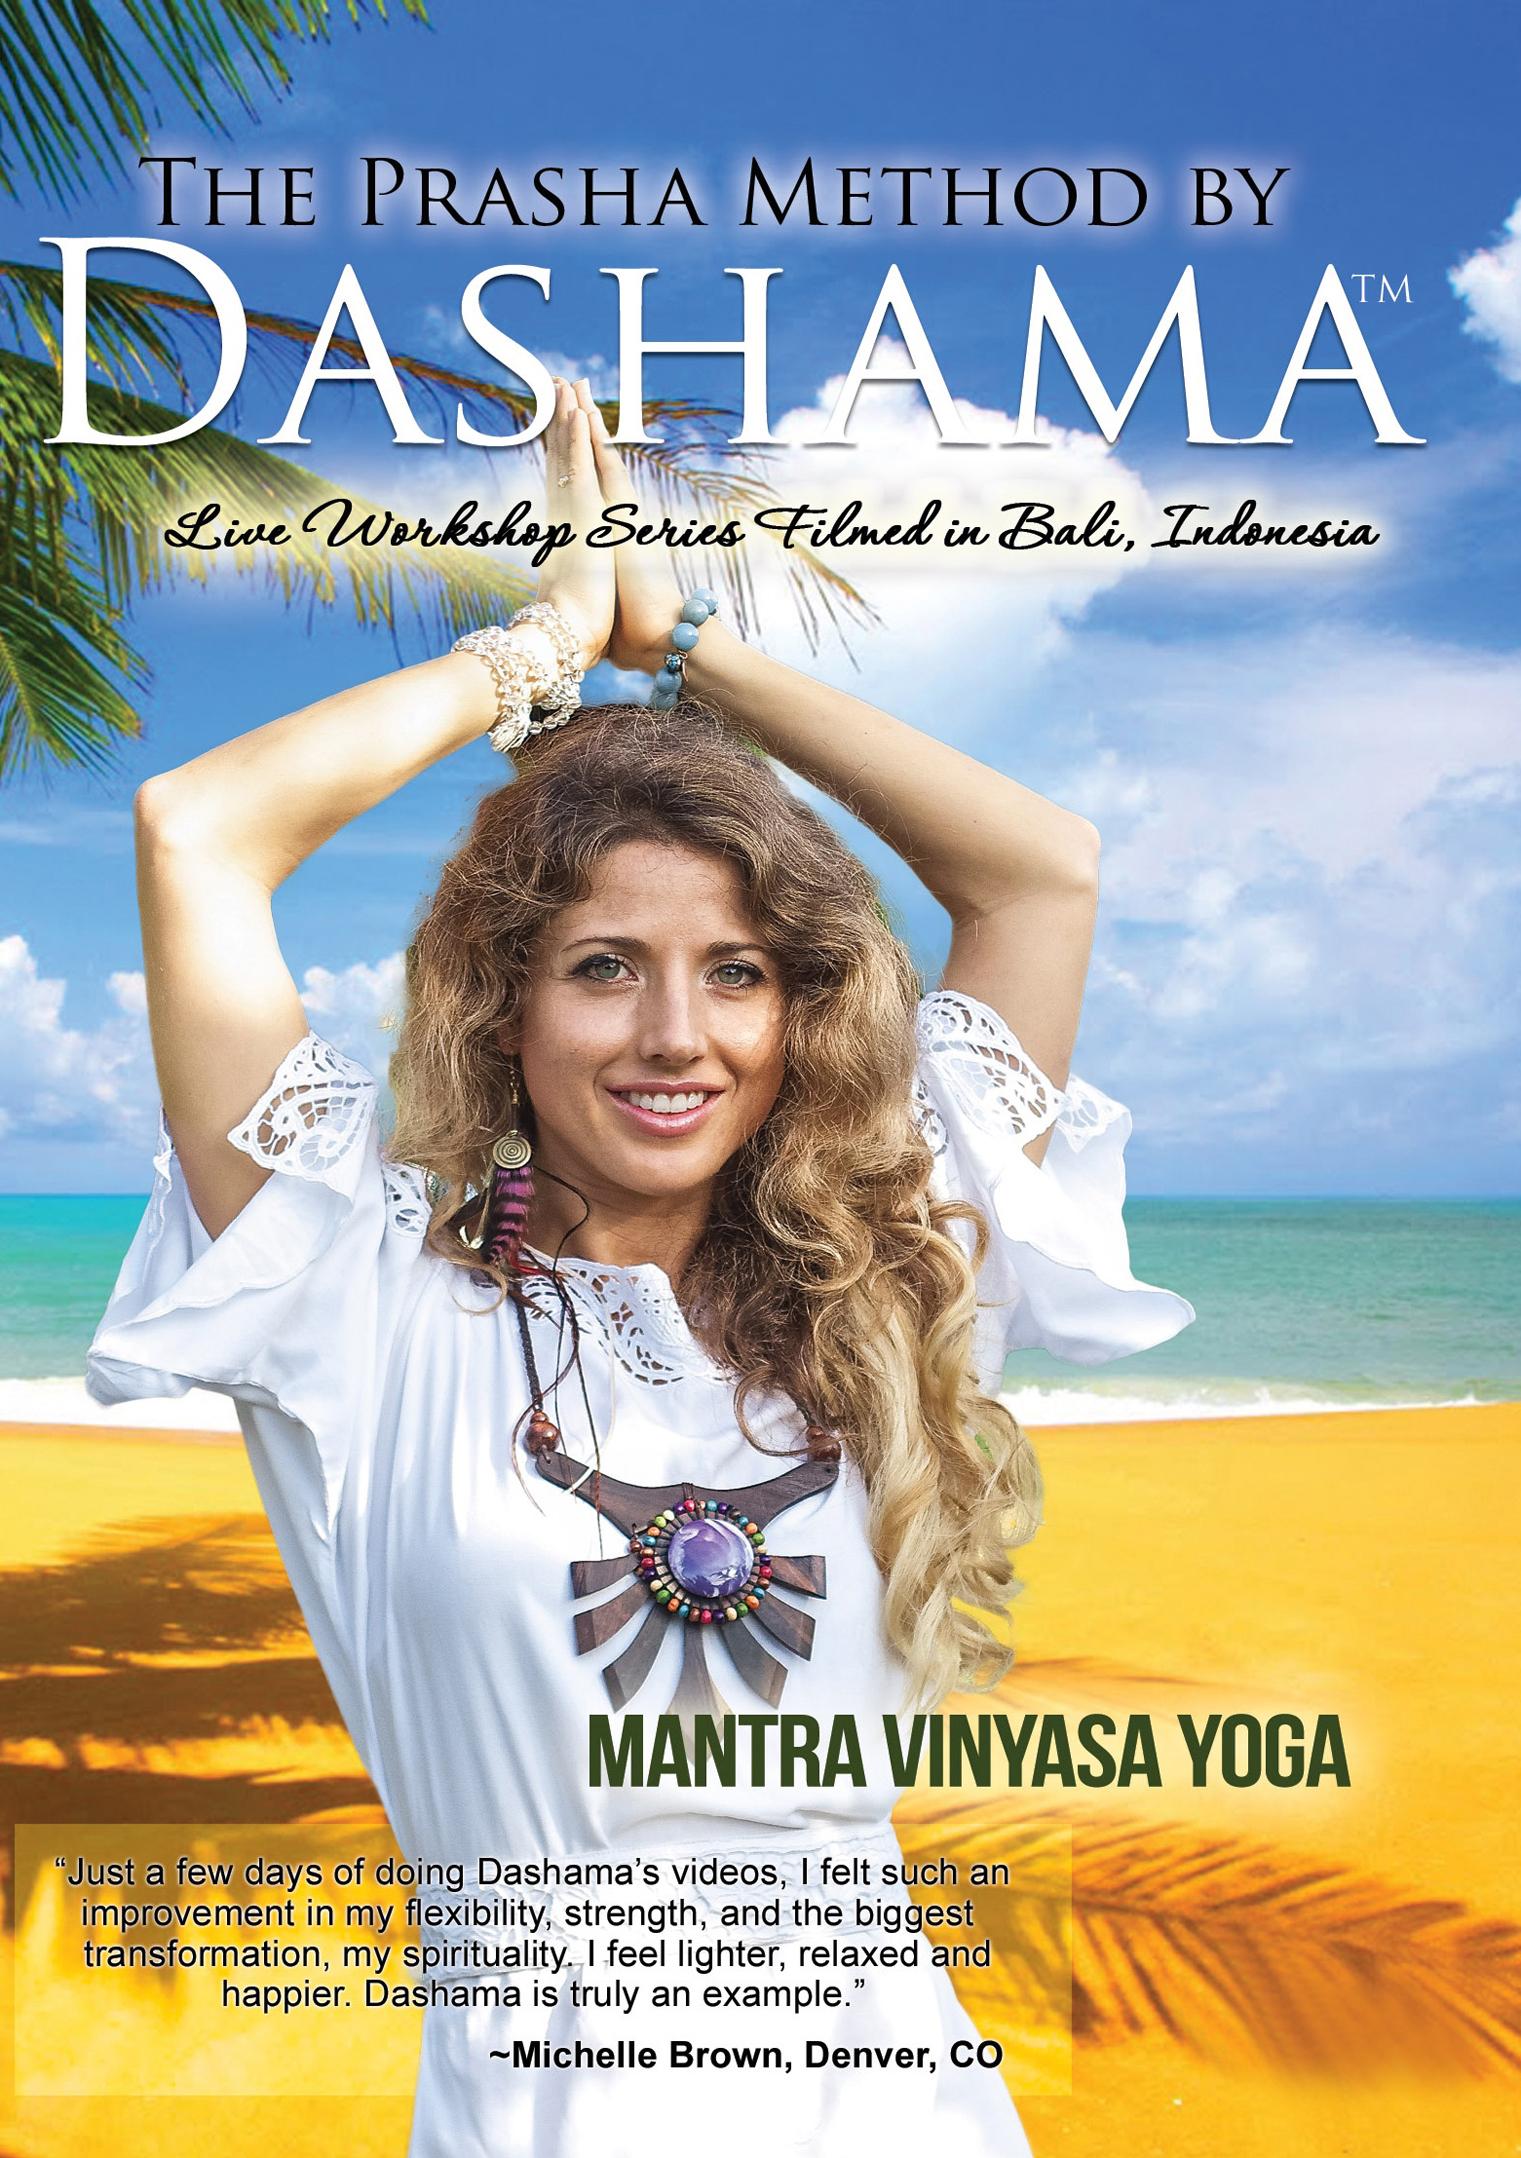 The Prasha Method by Dashama: Mantra Vinyasa Yoga